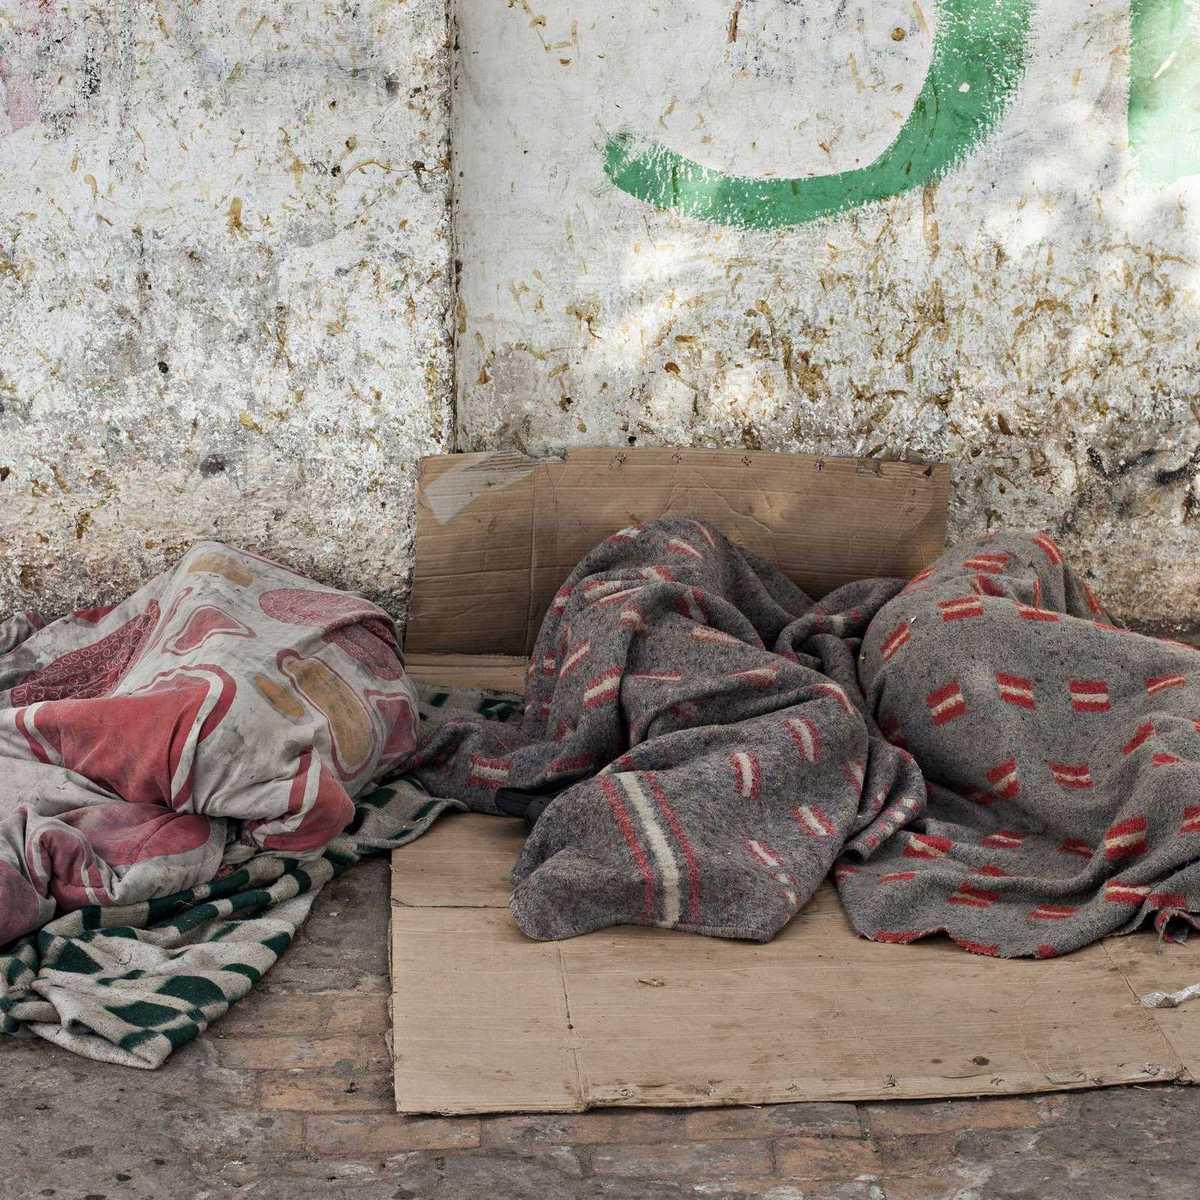 zwei Straßenkinder die auf einem Pappkarton auf der Straße schlafen